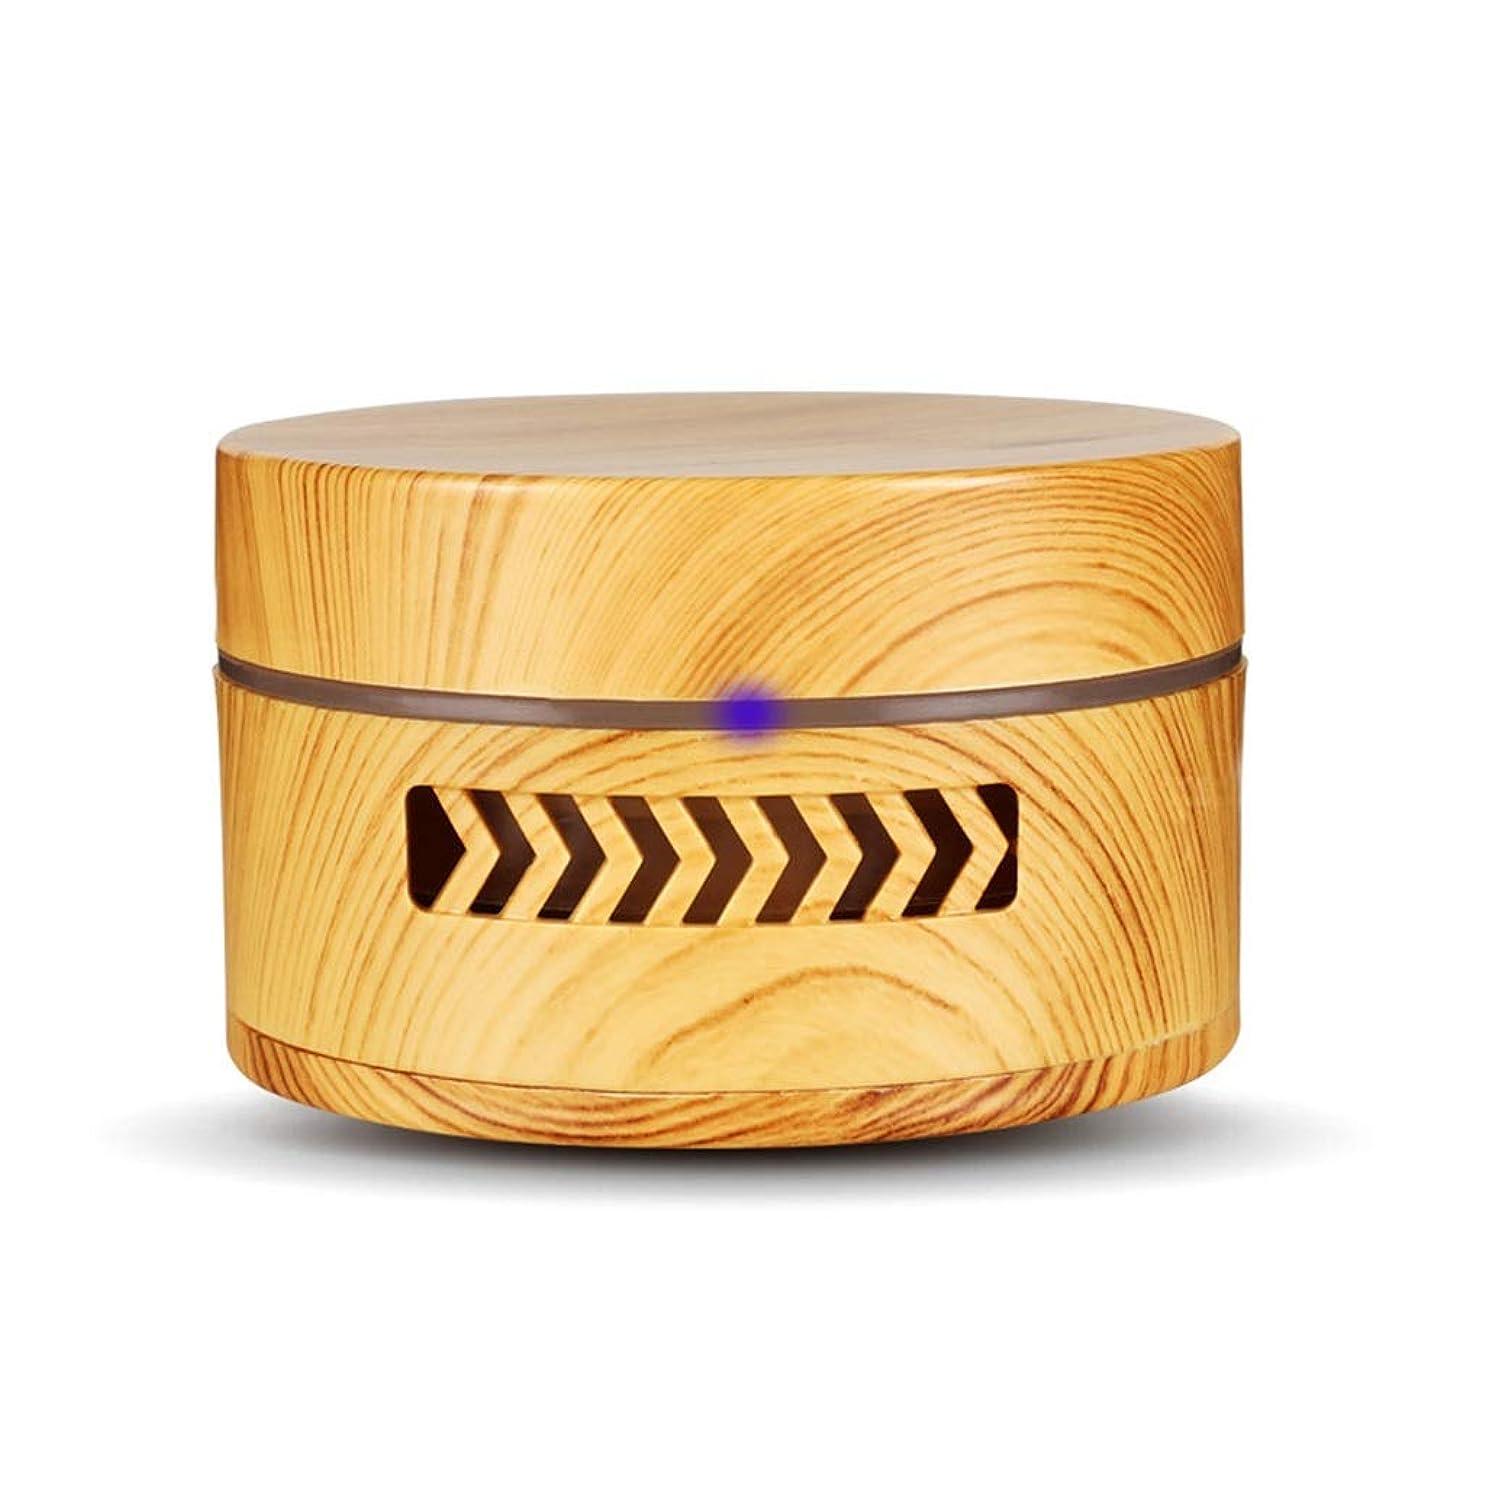 マット報酬ウォルターカニンガムリードディフューザー アロマ機械振動スイッチアロマ加湿器カーヘアドライヤーアロママシン電子エッセンシャルオイルディフューザー雰囲気マシン YHDD (Color : A)